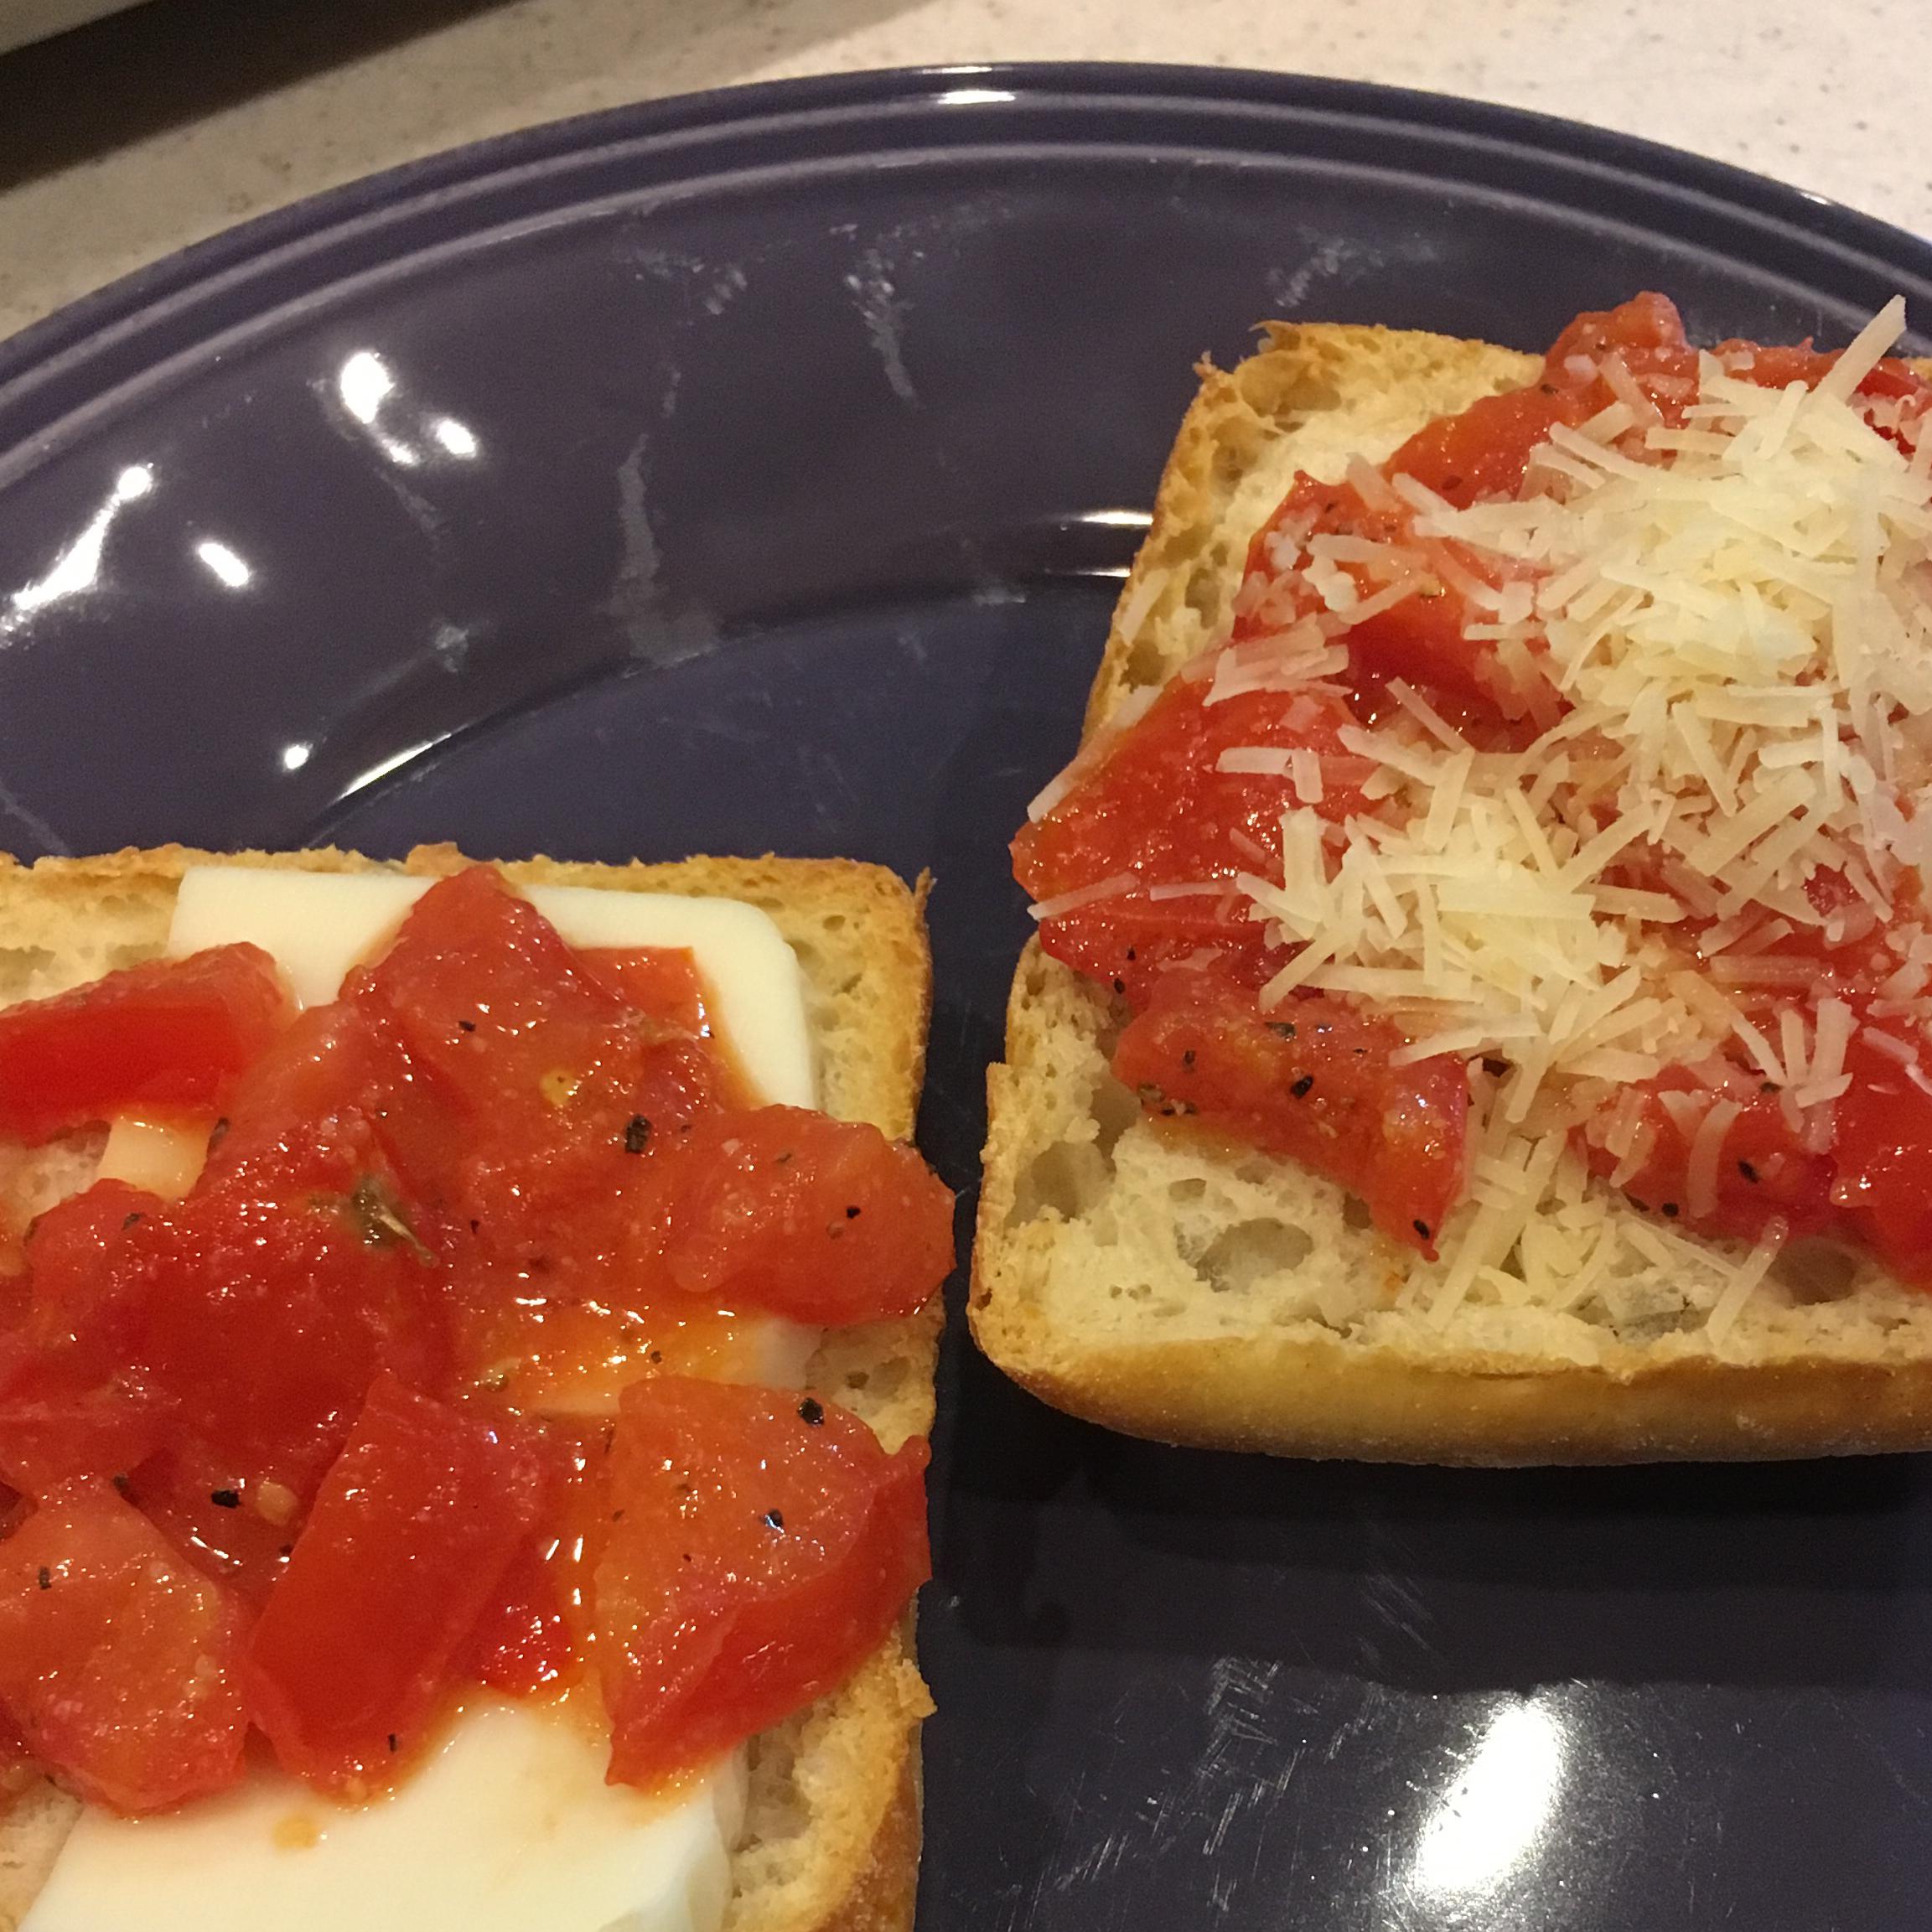 Tomato-Garlic Bread RuthB